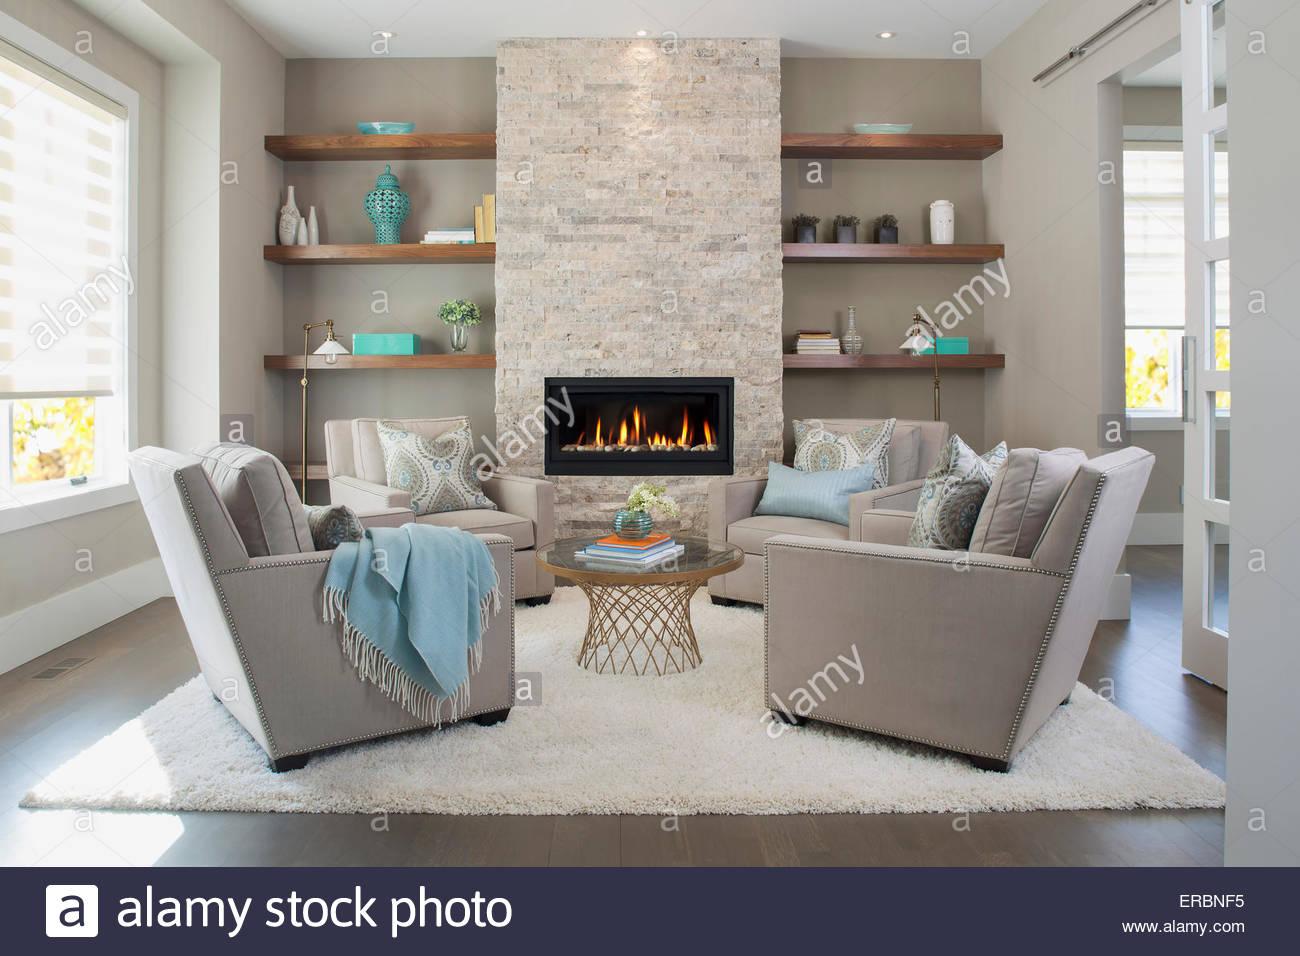 Élégante salle de séjour avec cheminée Photo Stock